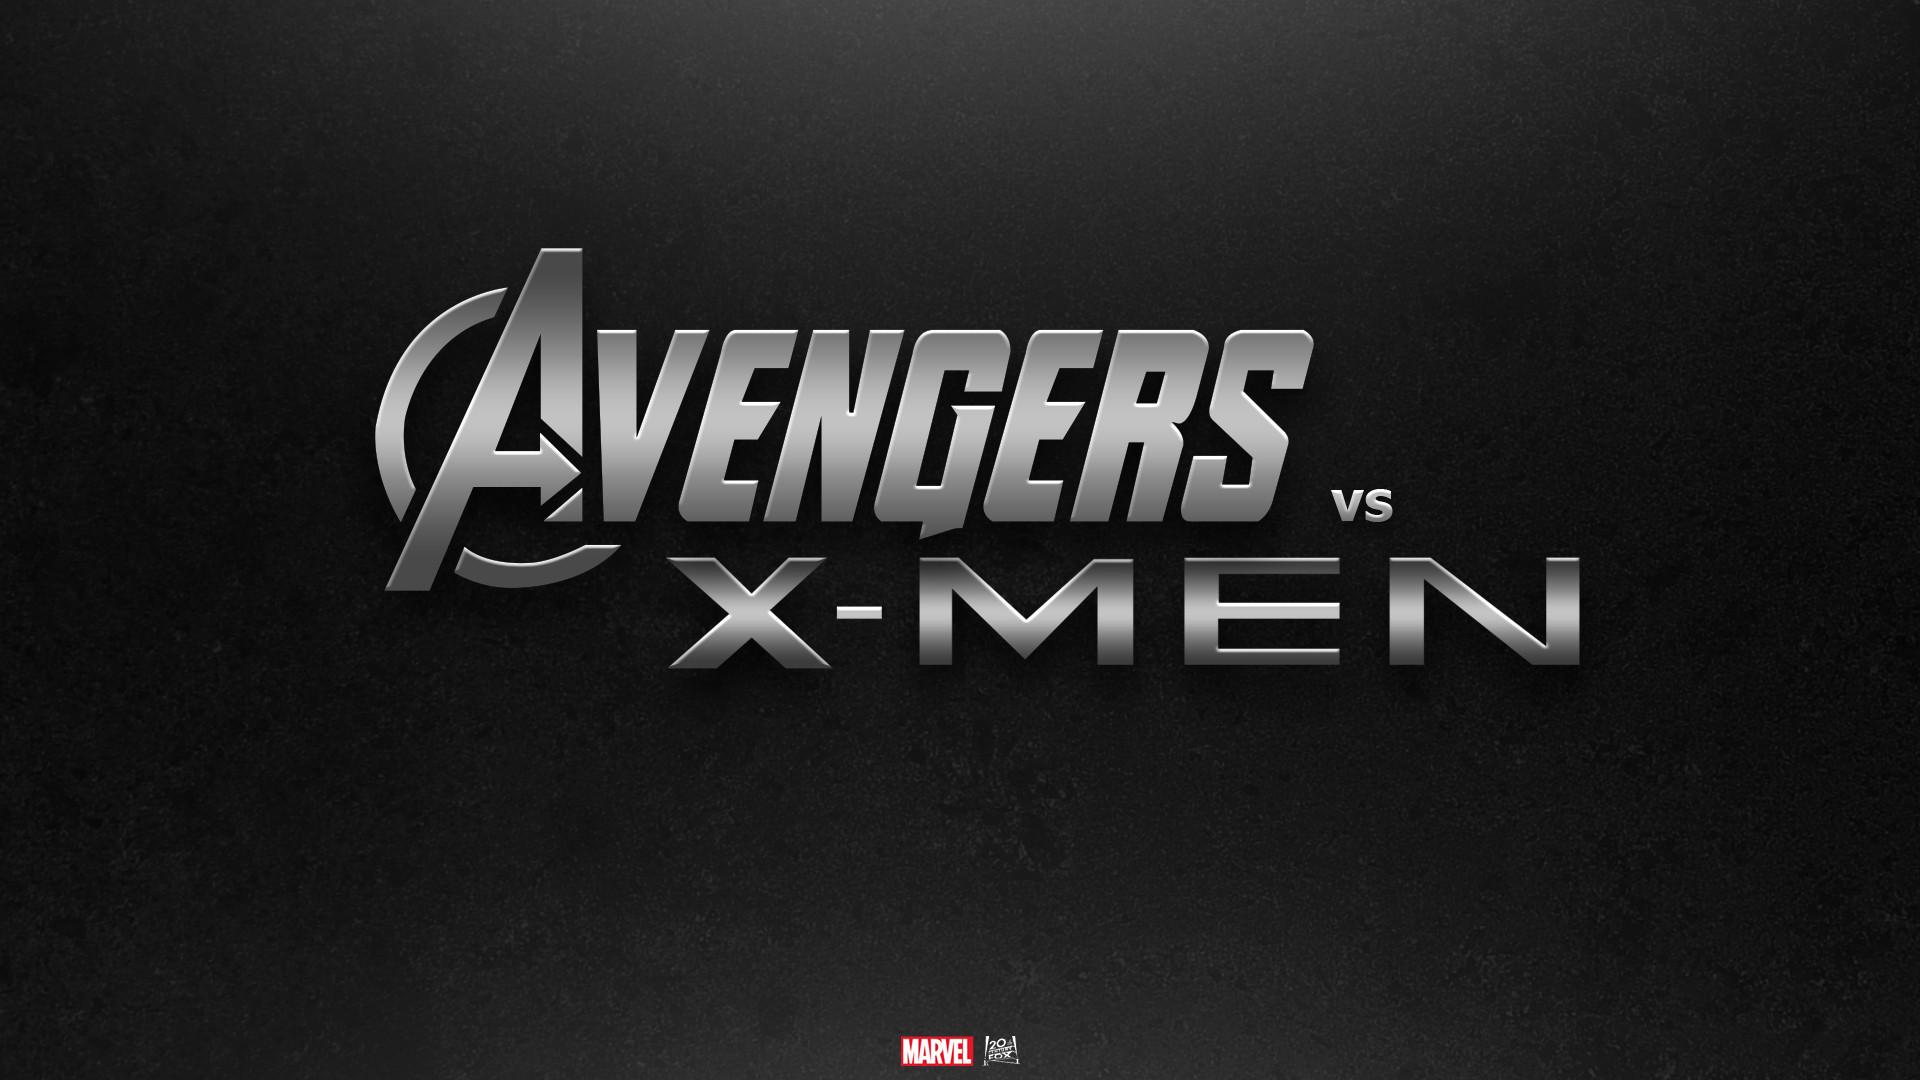 Avengers Vs X-Men.jpg